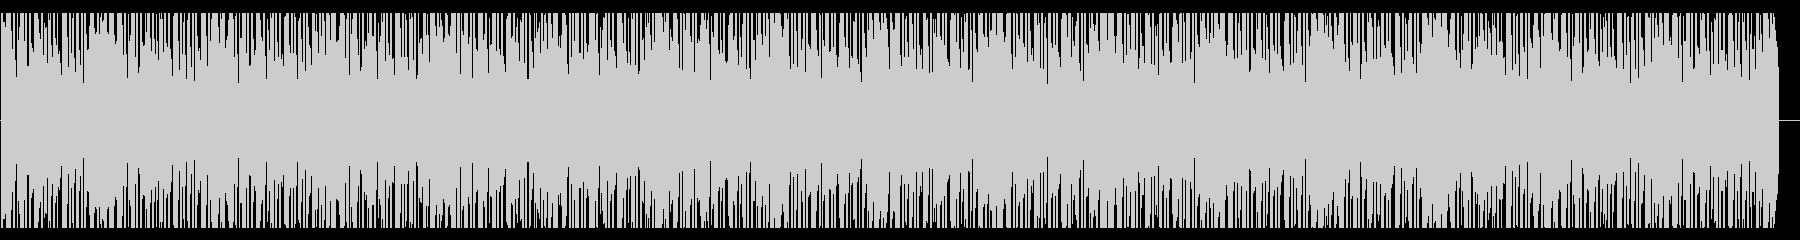 浮遊感のあるシンセが印象的なヒップホップの未再生の波形